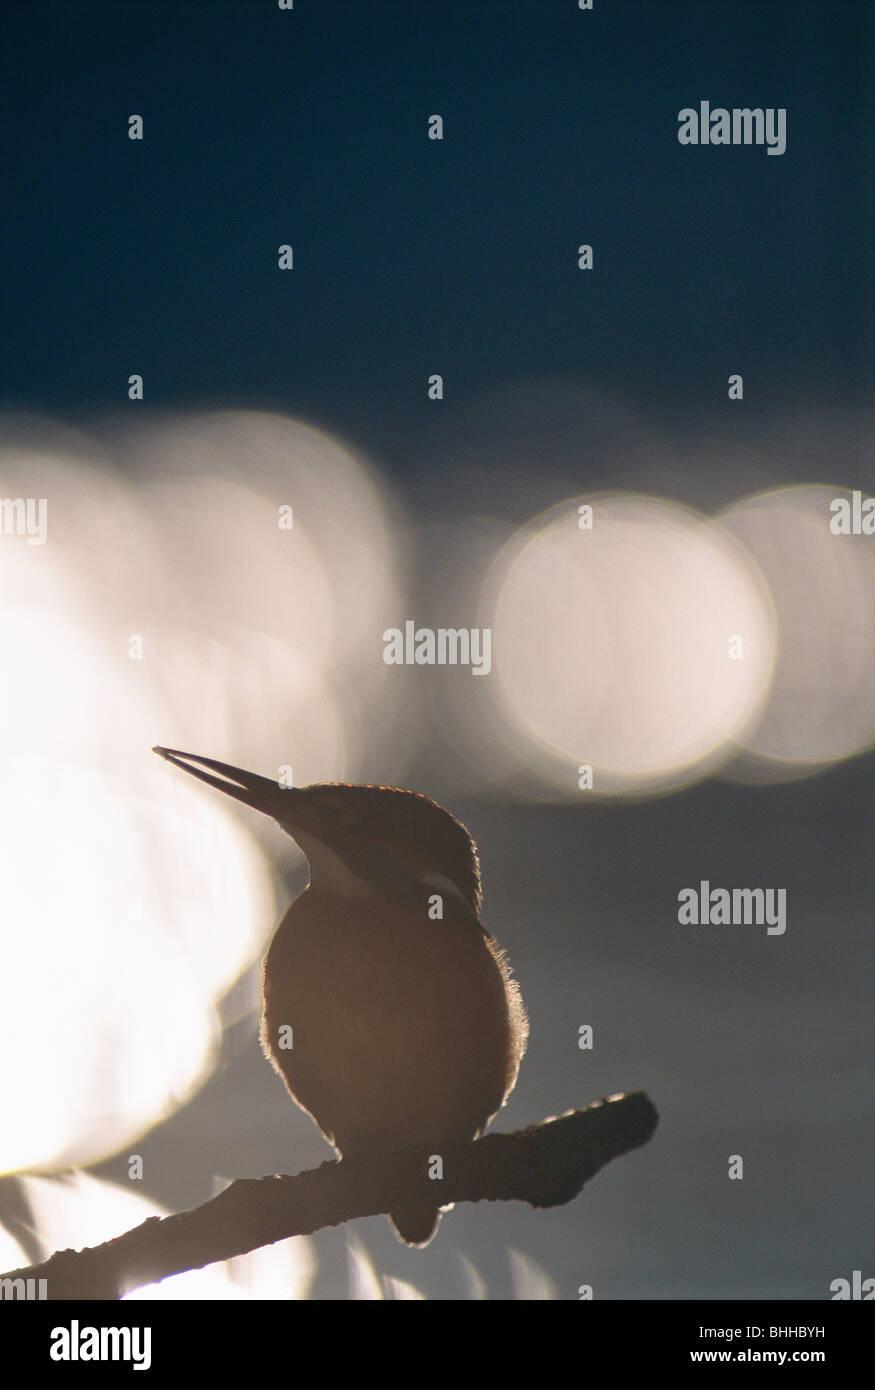 La silhouette d'un martin-pêcheur contre la lumière, la Pologne. Photo Stock